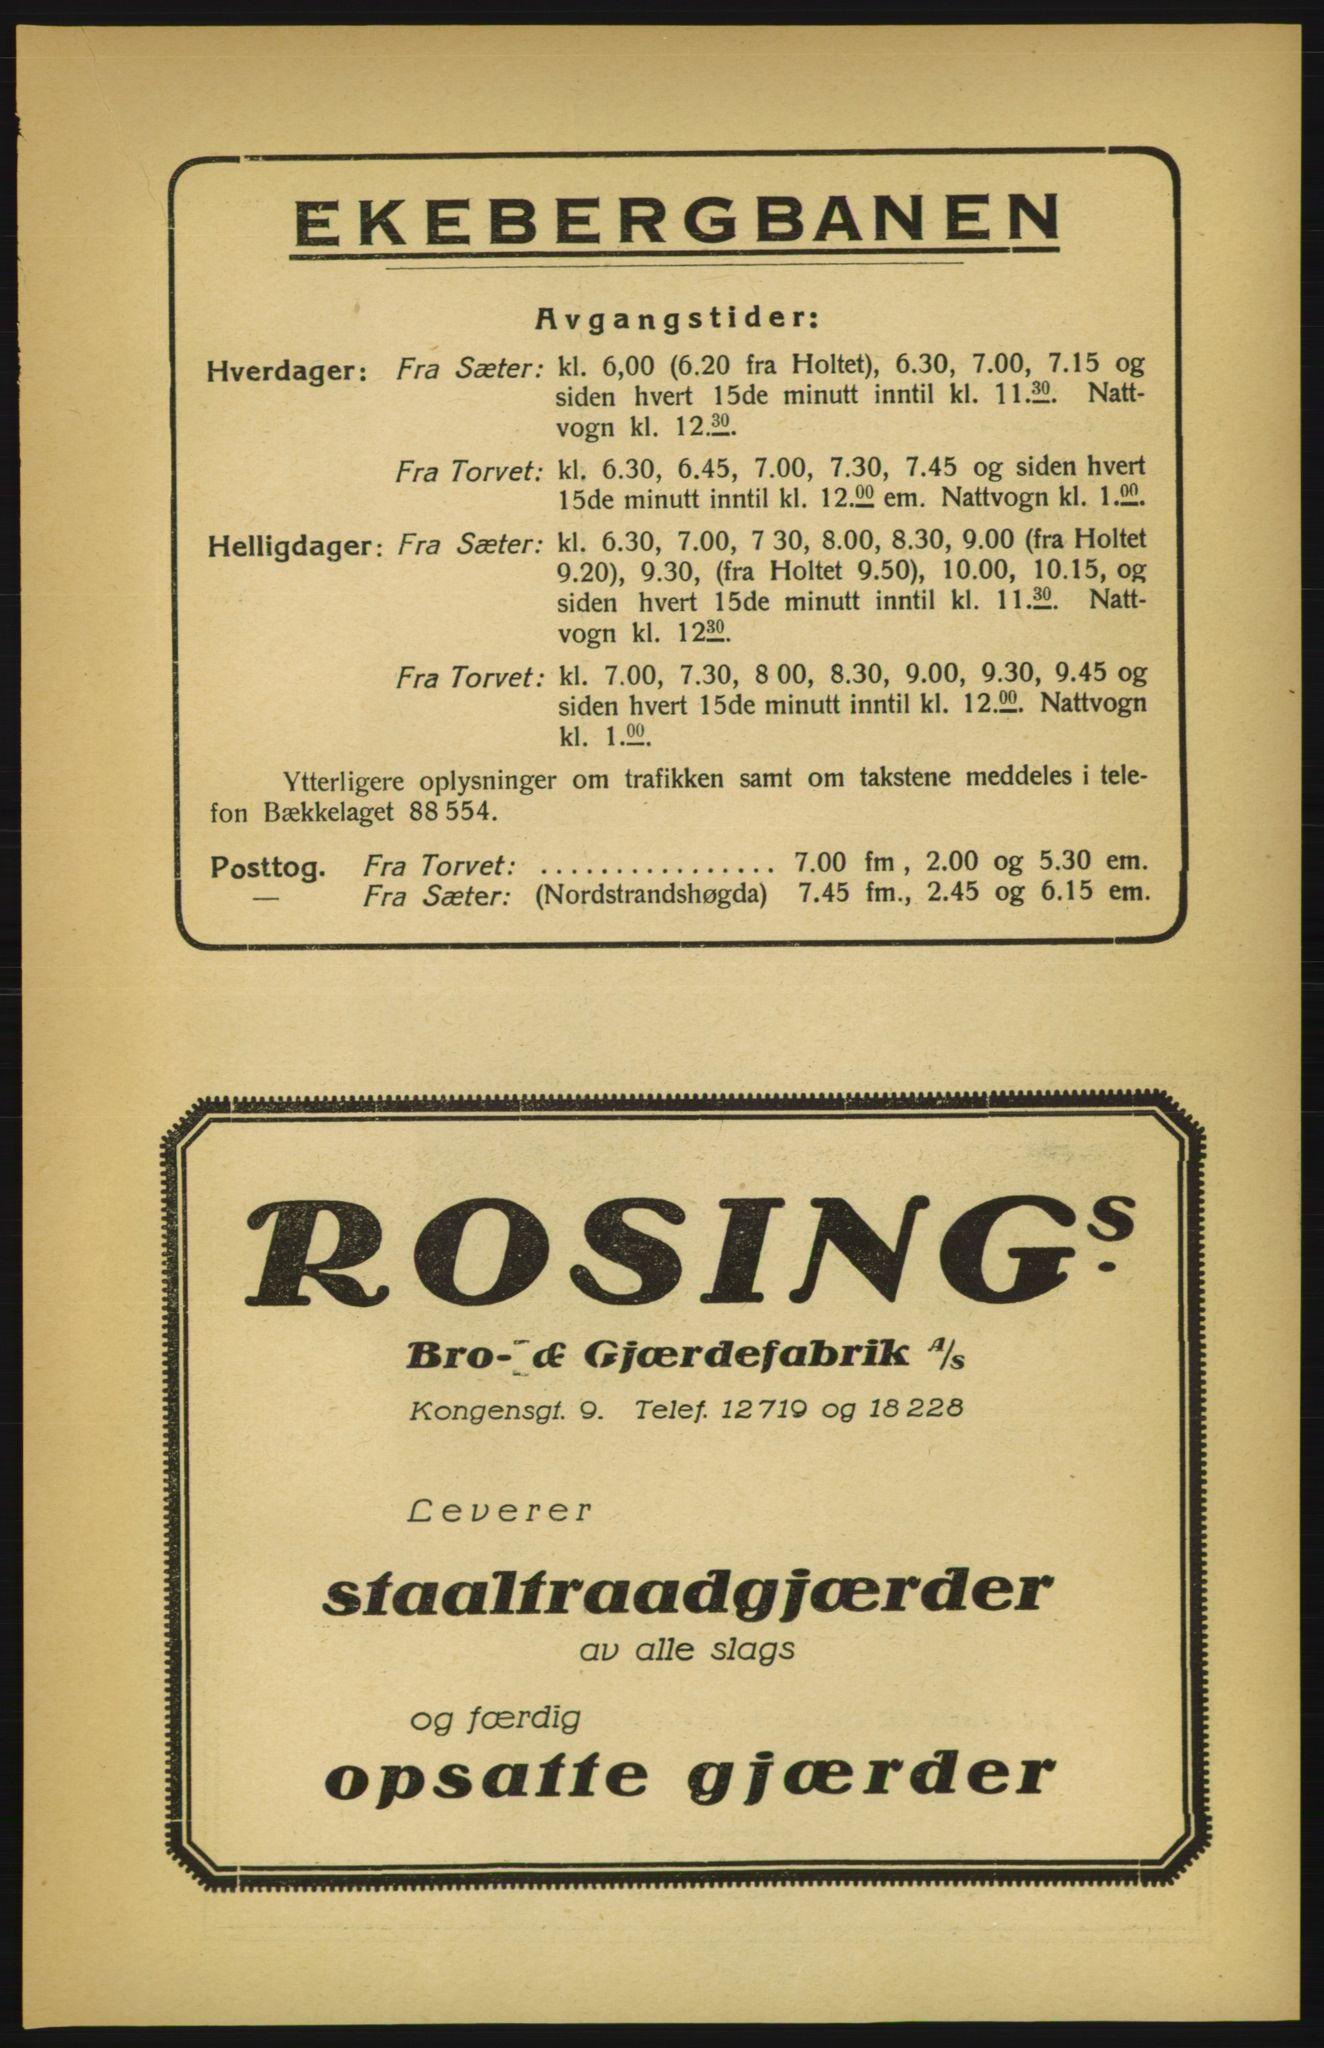 RA, Aker adressebok/adressekalender (publikasjon)*, 1924-1925